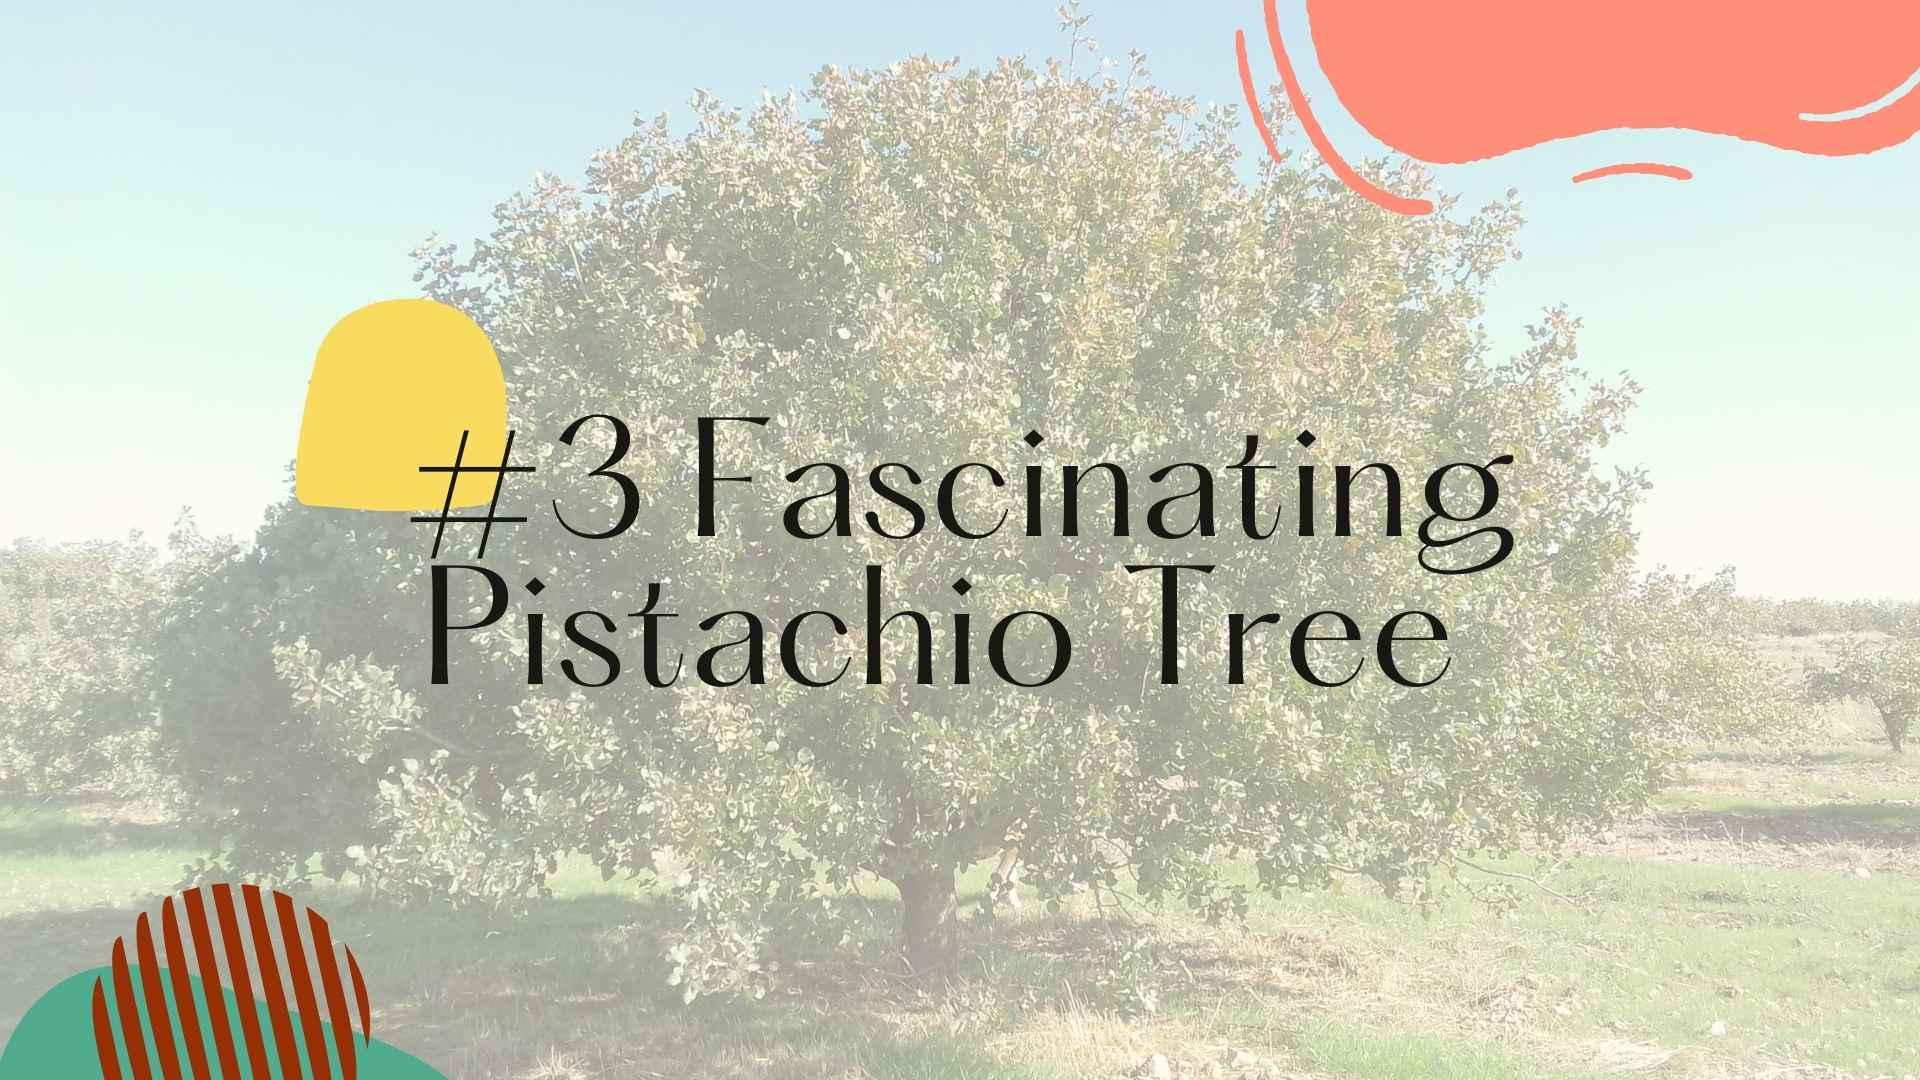 fascinating pistachio tree